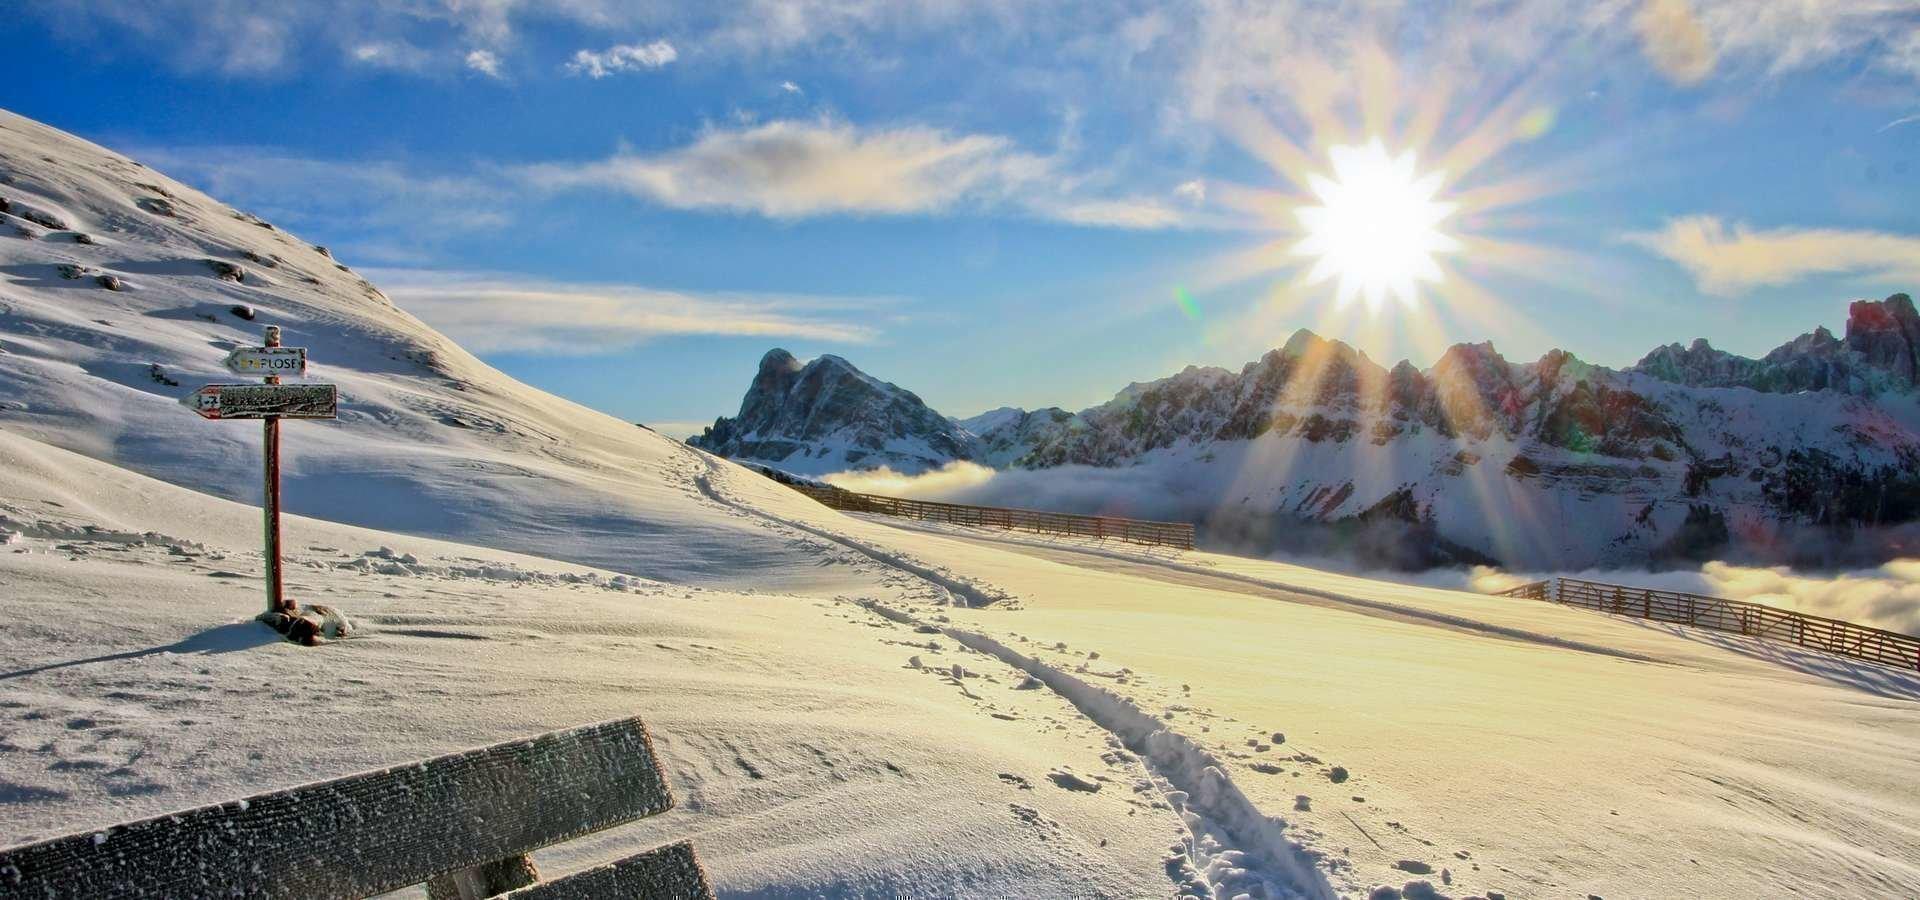 winterurlaub-plose-eisacktal